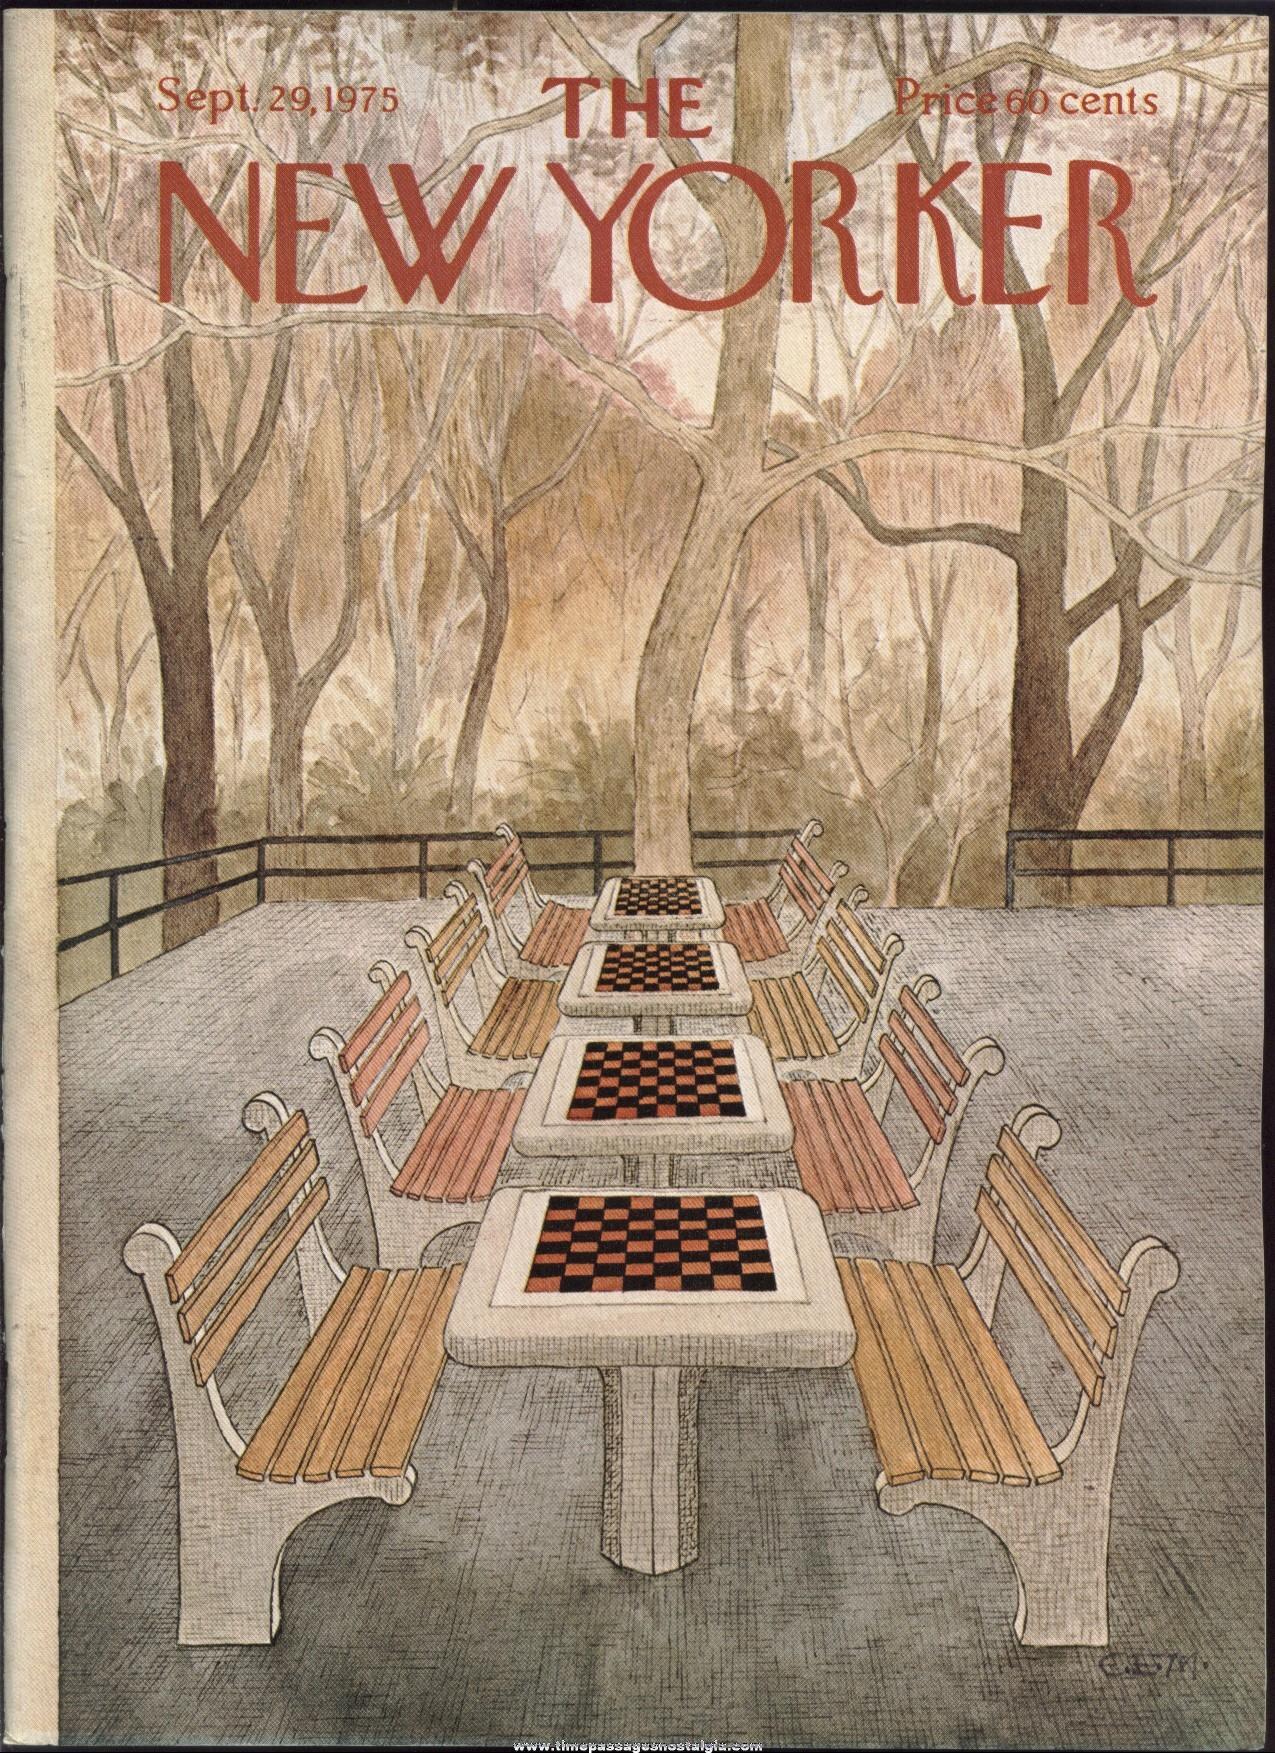 New Yorker Magazine - September 29, 1975 - Cover by Charles E. Martin